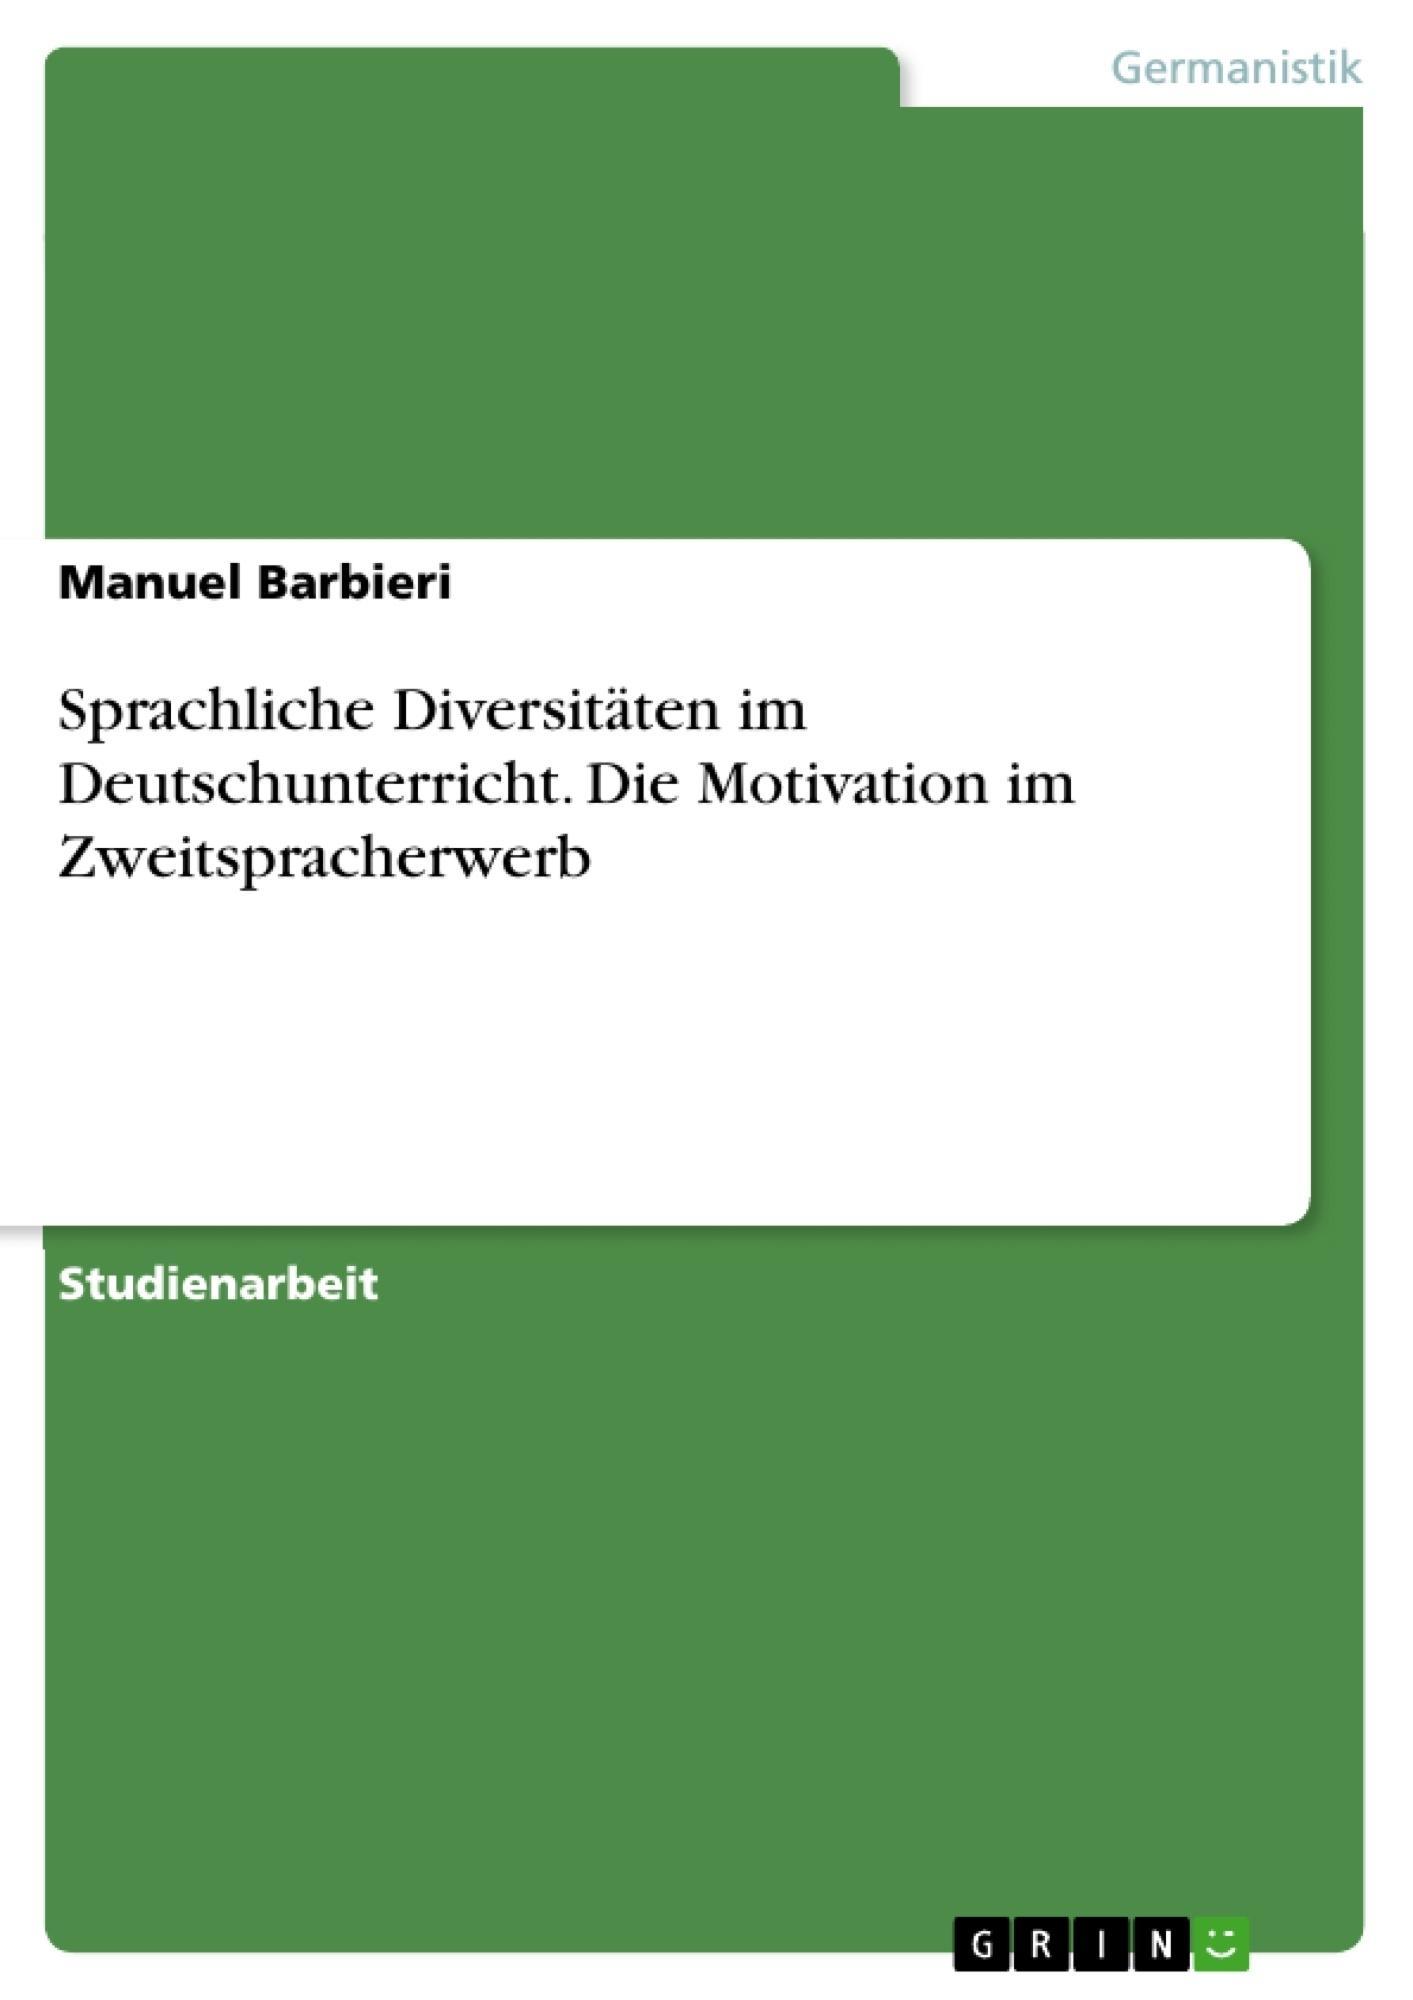 Titel: Sprachliche Diversitäten im Deutschunterricht. Die Motivation im Zweitspracherwerb